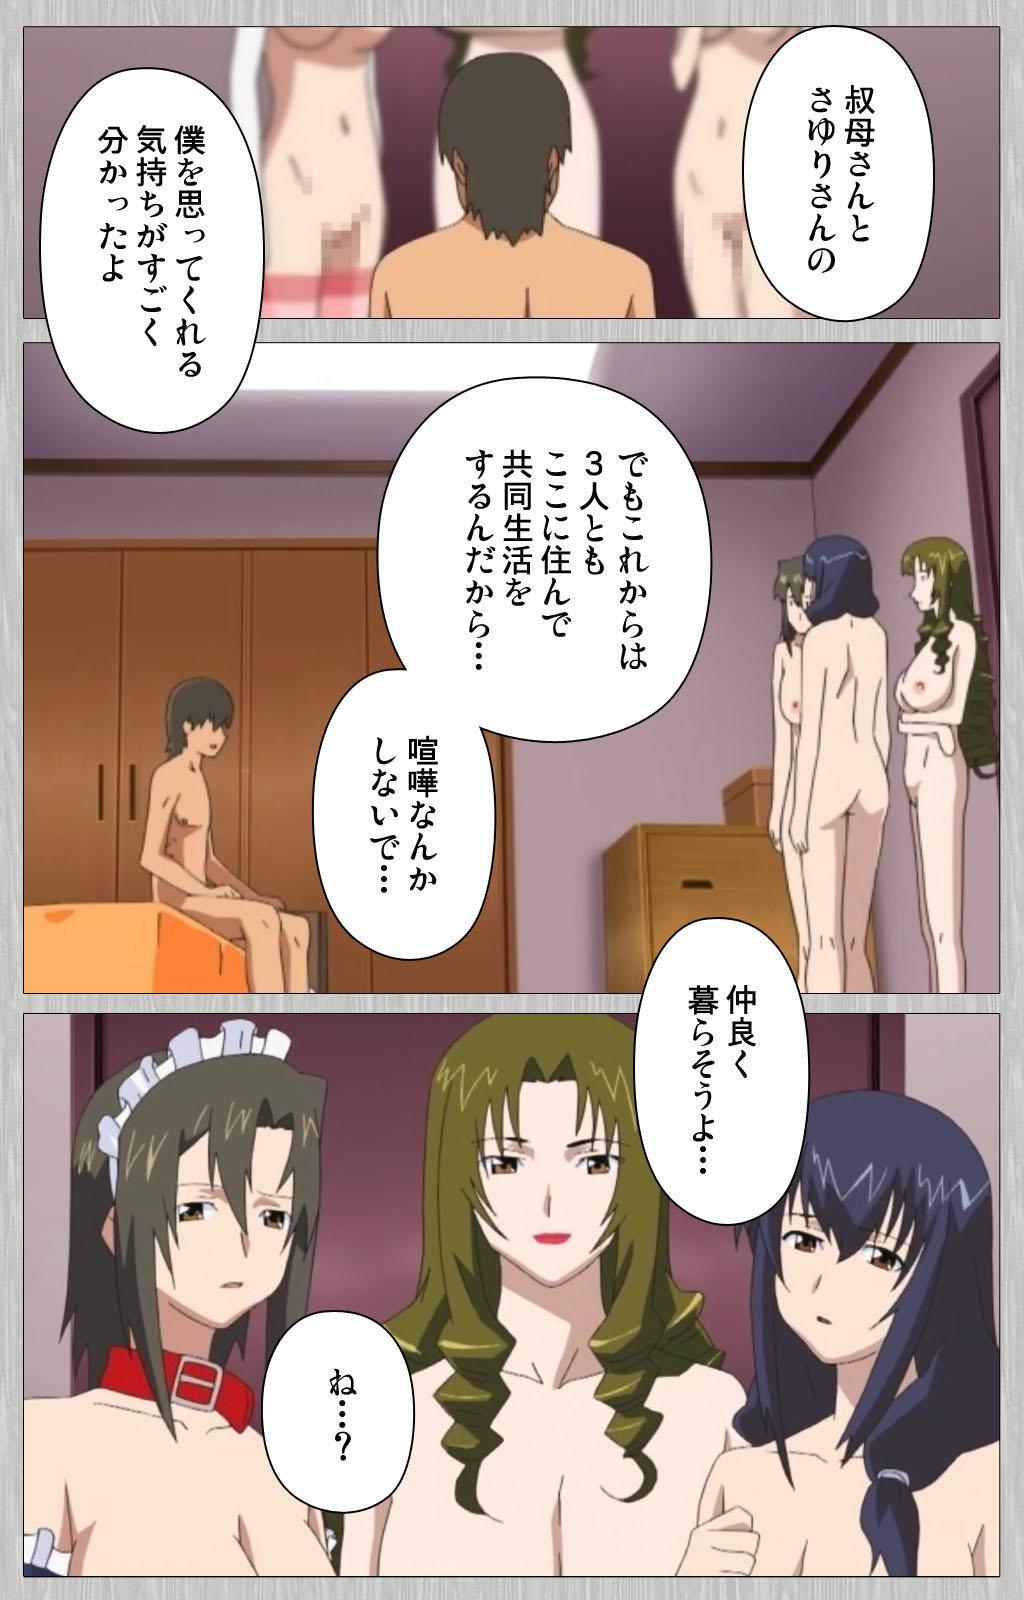 Tsuma no haha Sayuri Kanzenban 229